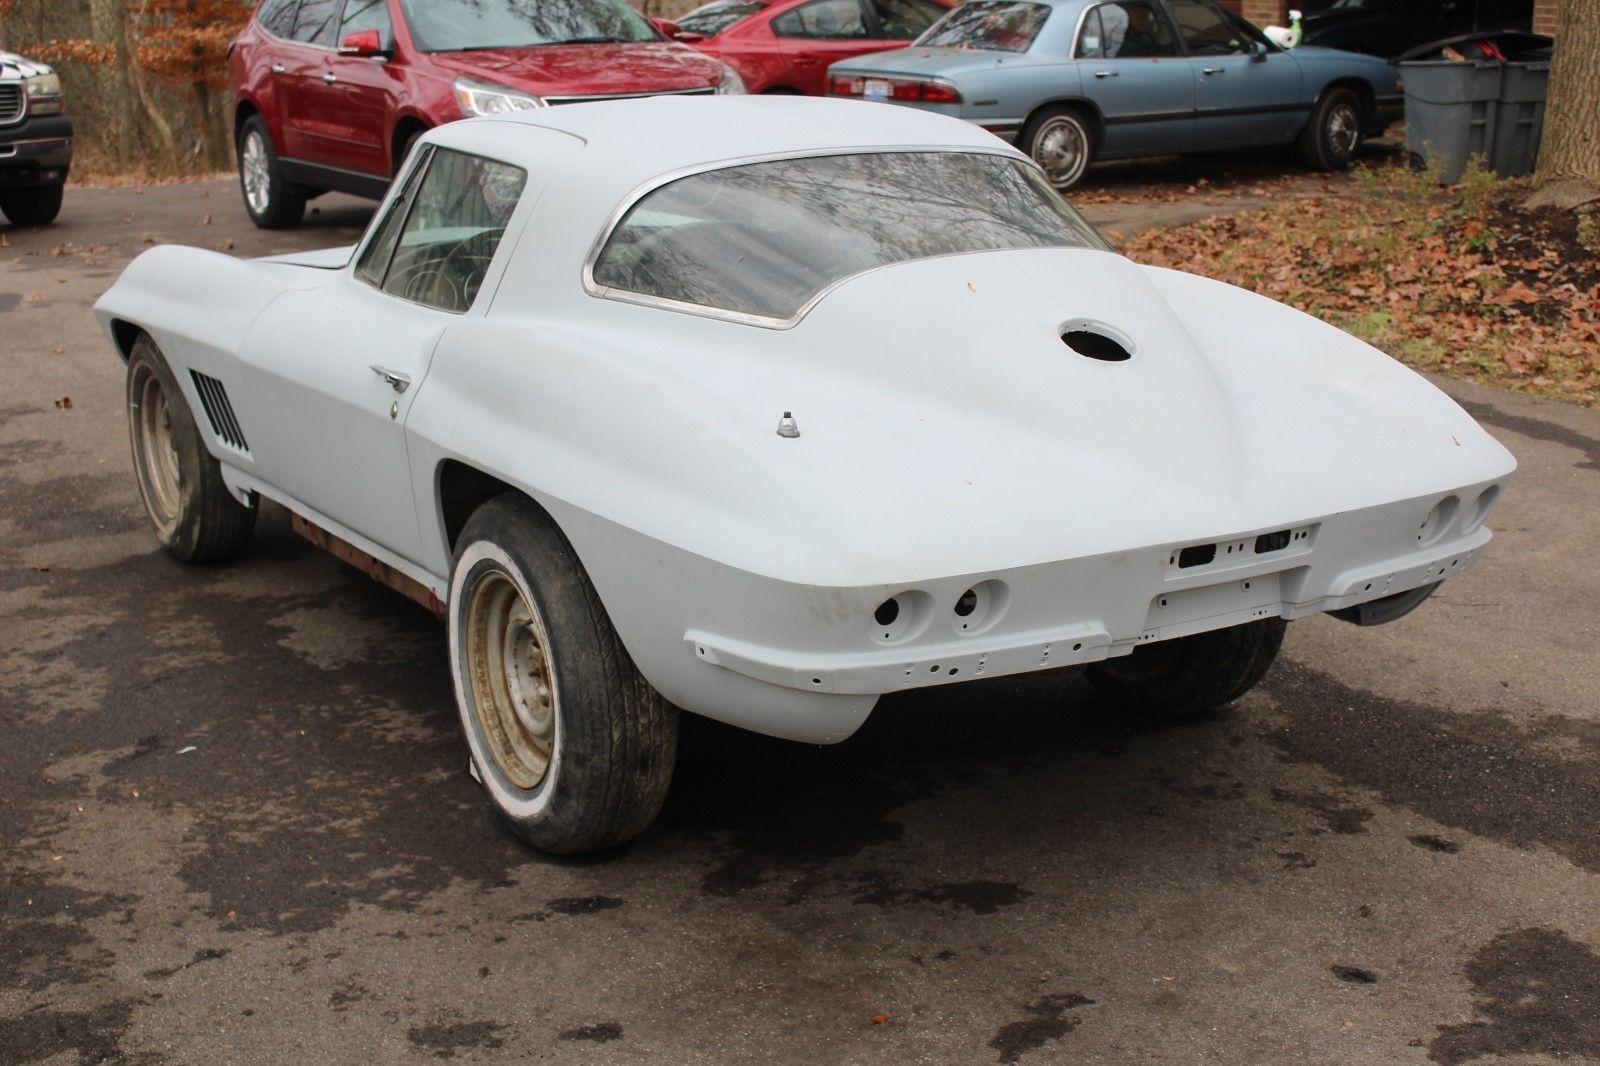 Chevrolet Corvette Coupe project